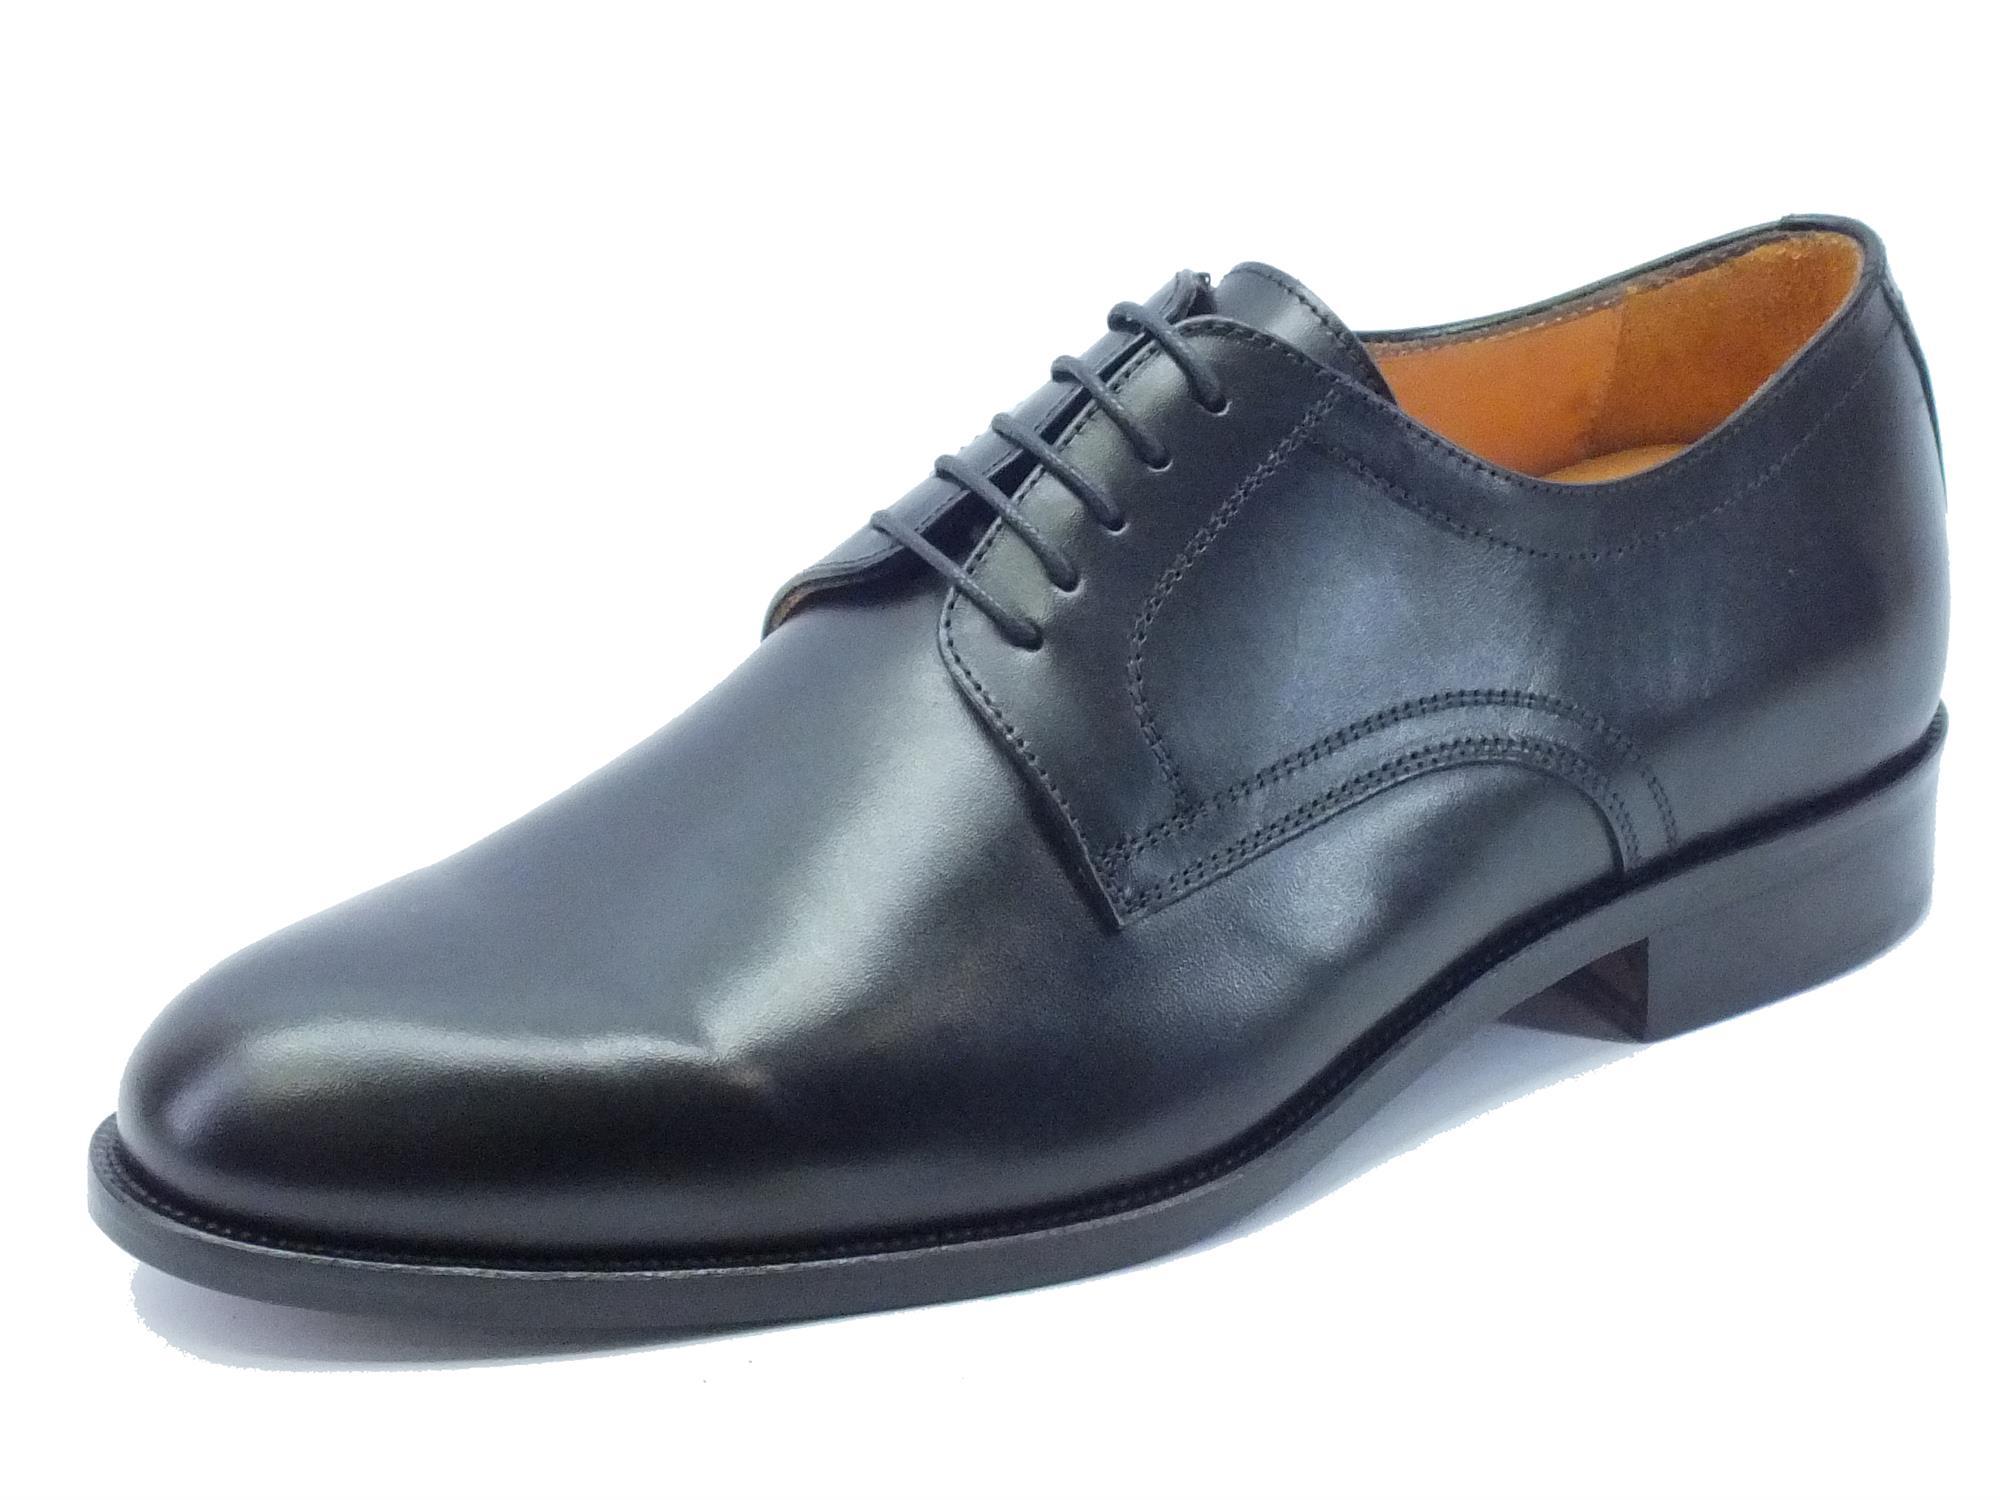 nuova alta qualità design distintivo stile di moda del 2019 Scarpe classiche made in Italy per uomo in vera pelle nera